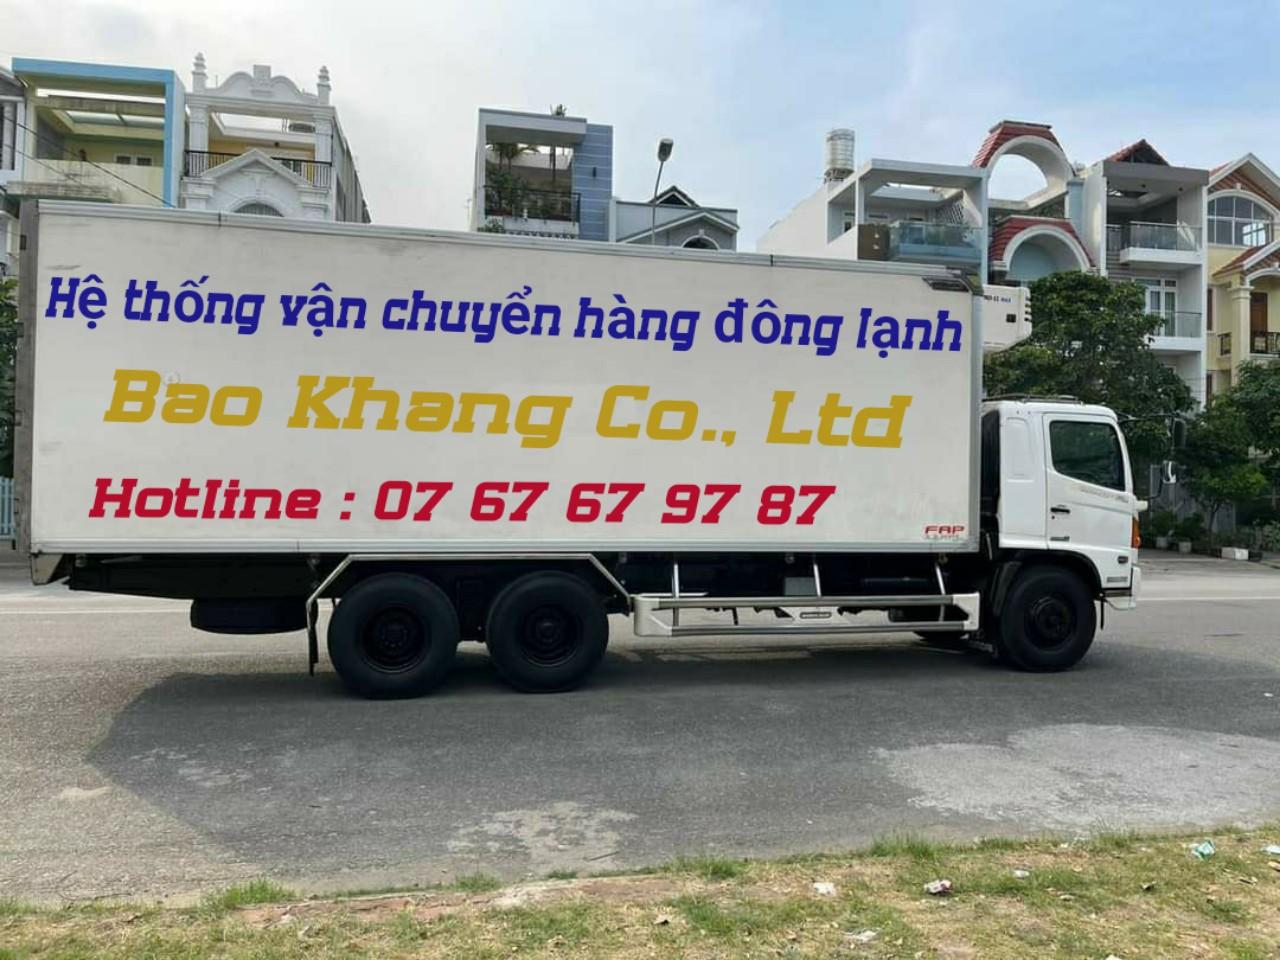 chuyển hàng đông lạnh Sài Gòn Nha Trang